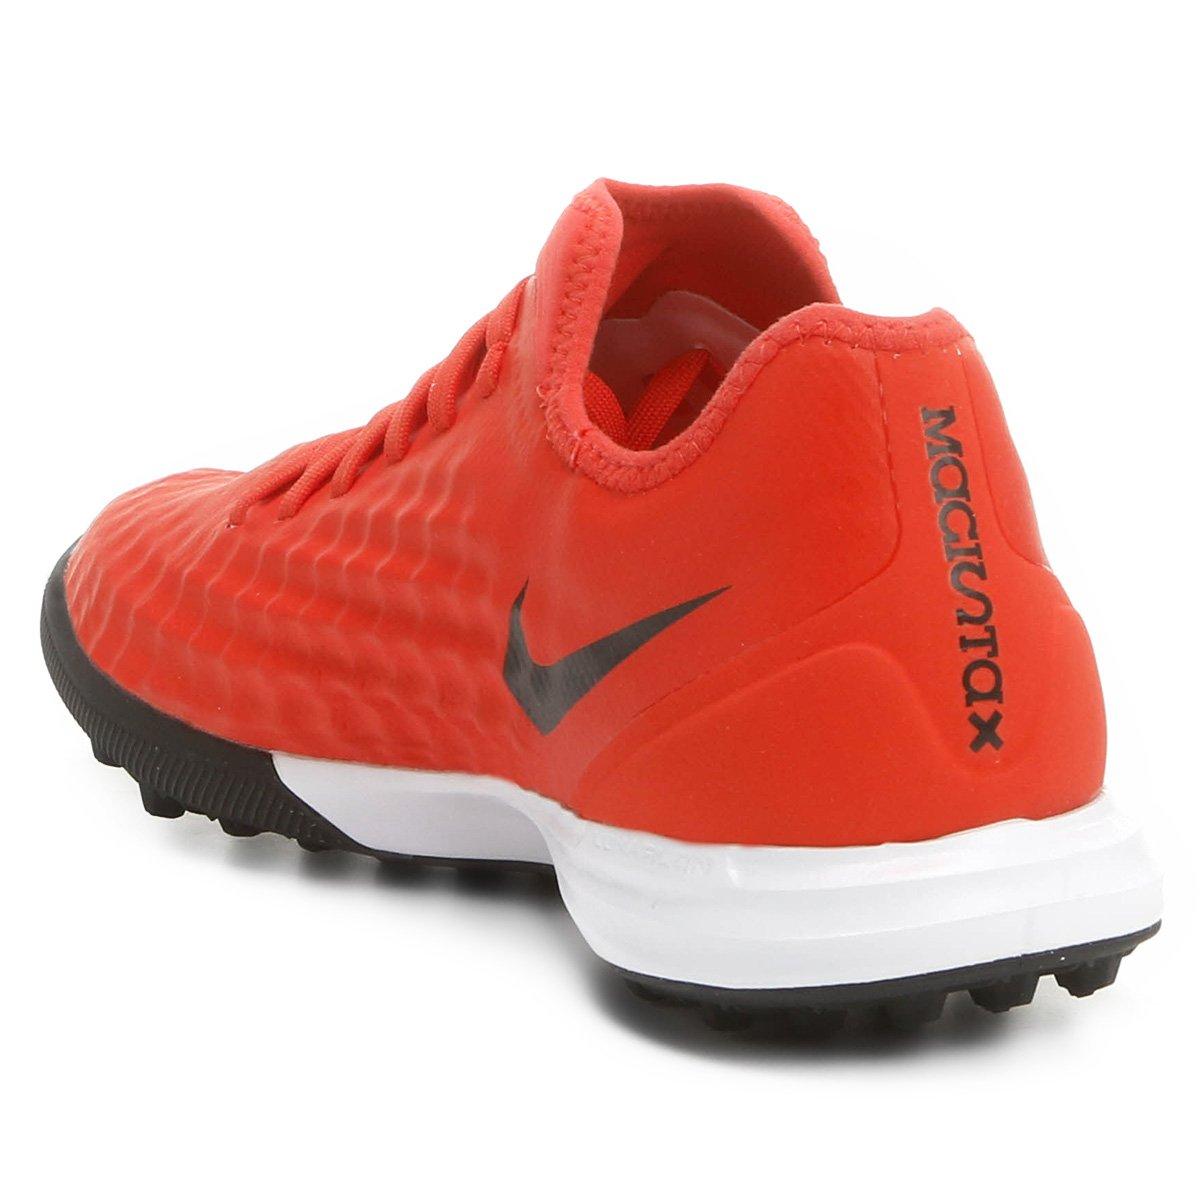 d883fe2090 Chuteira Society Nike Magista Finale 2 TF - Compre Agora